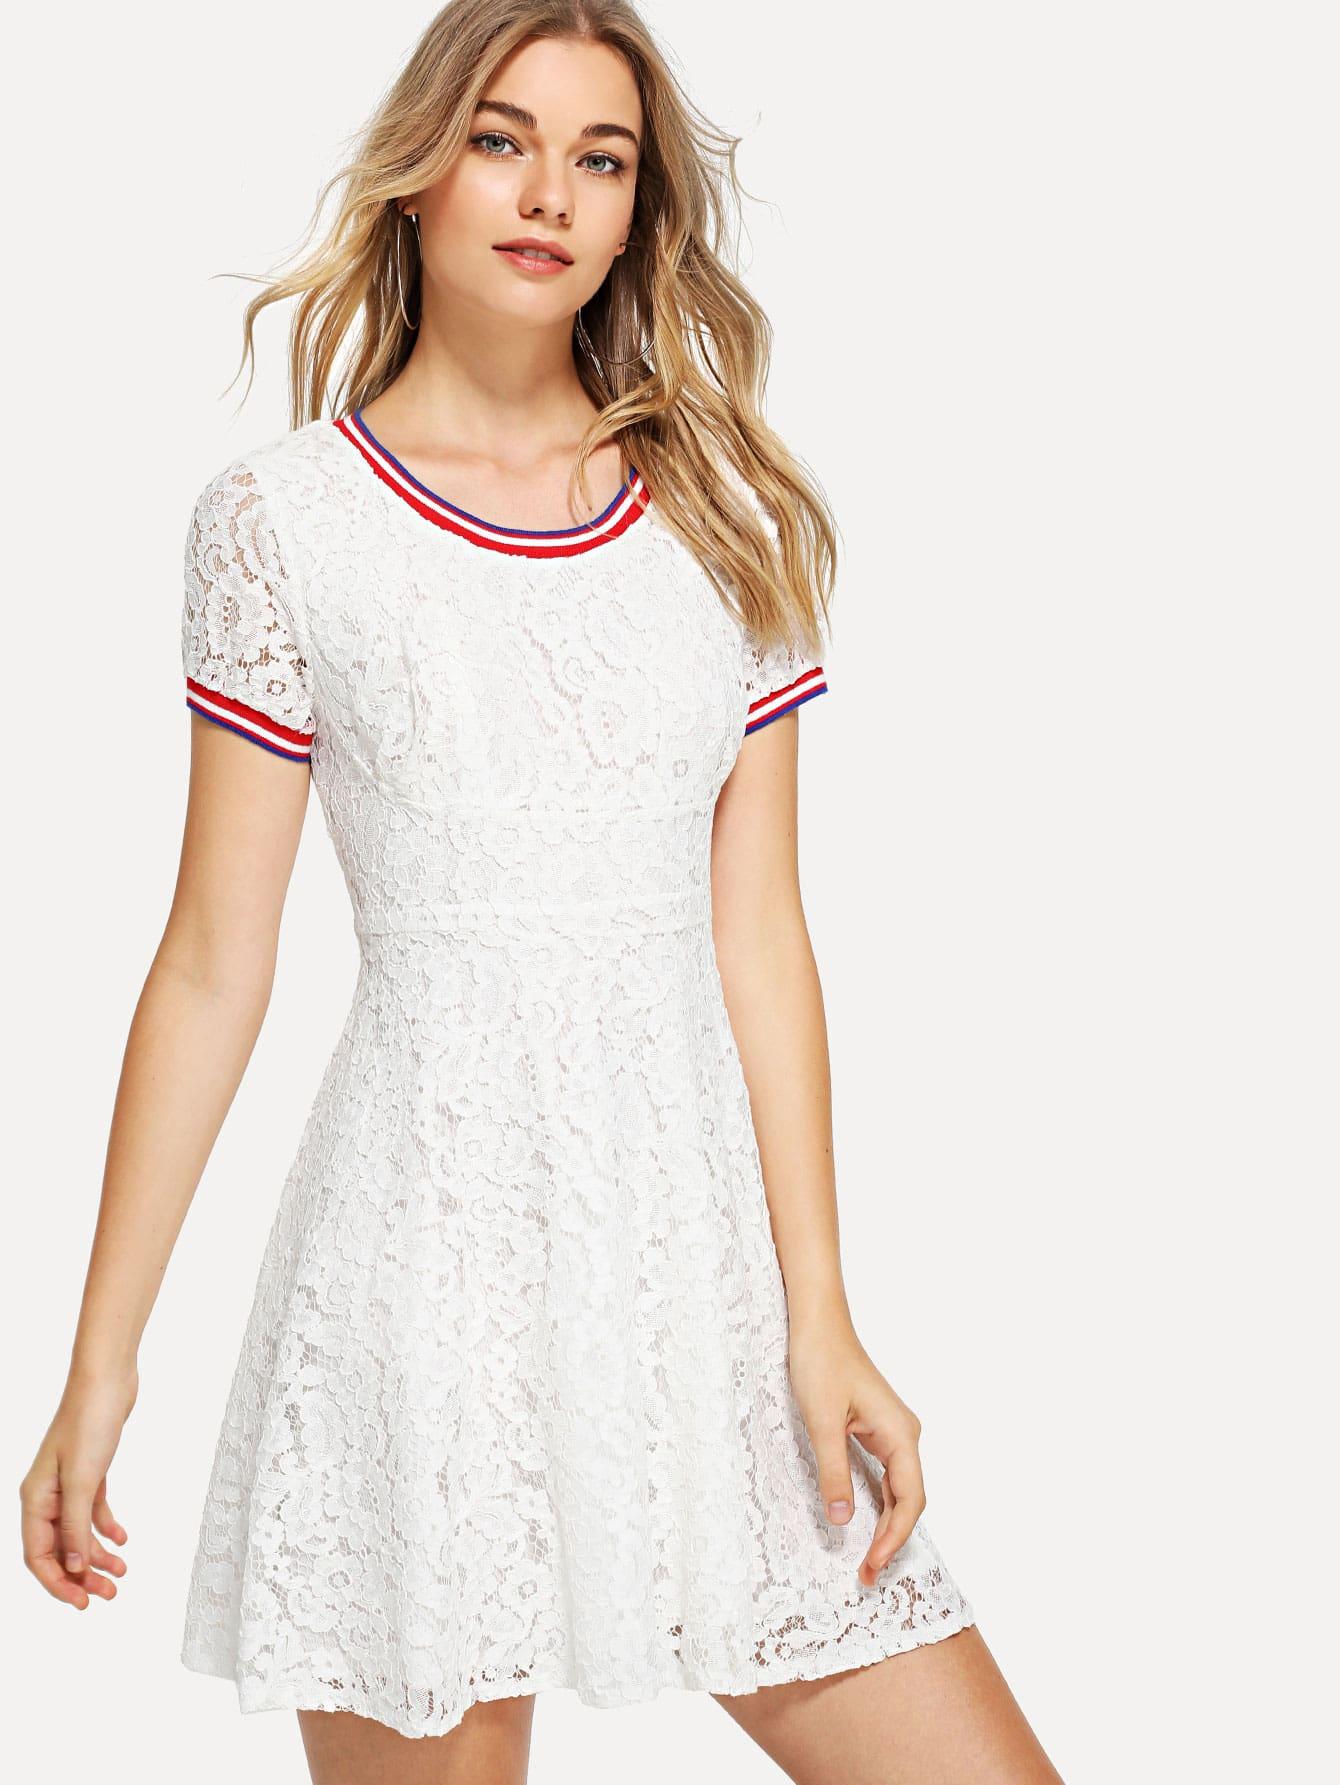 Купить Платье с кружевами цветы с полосками, Teresa, SheIn